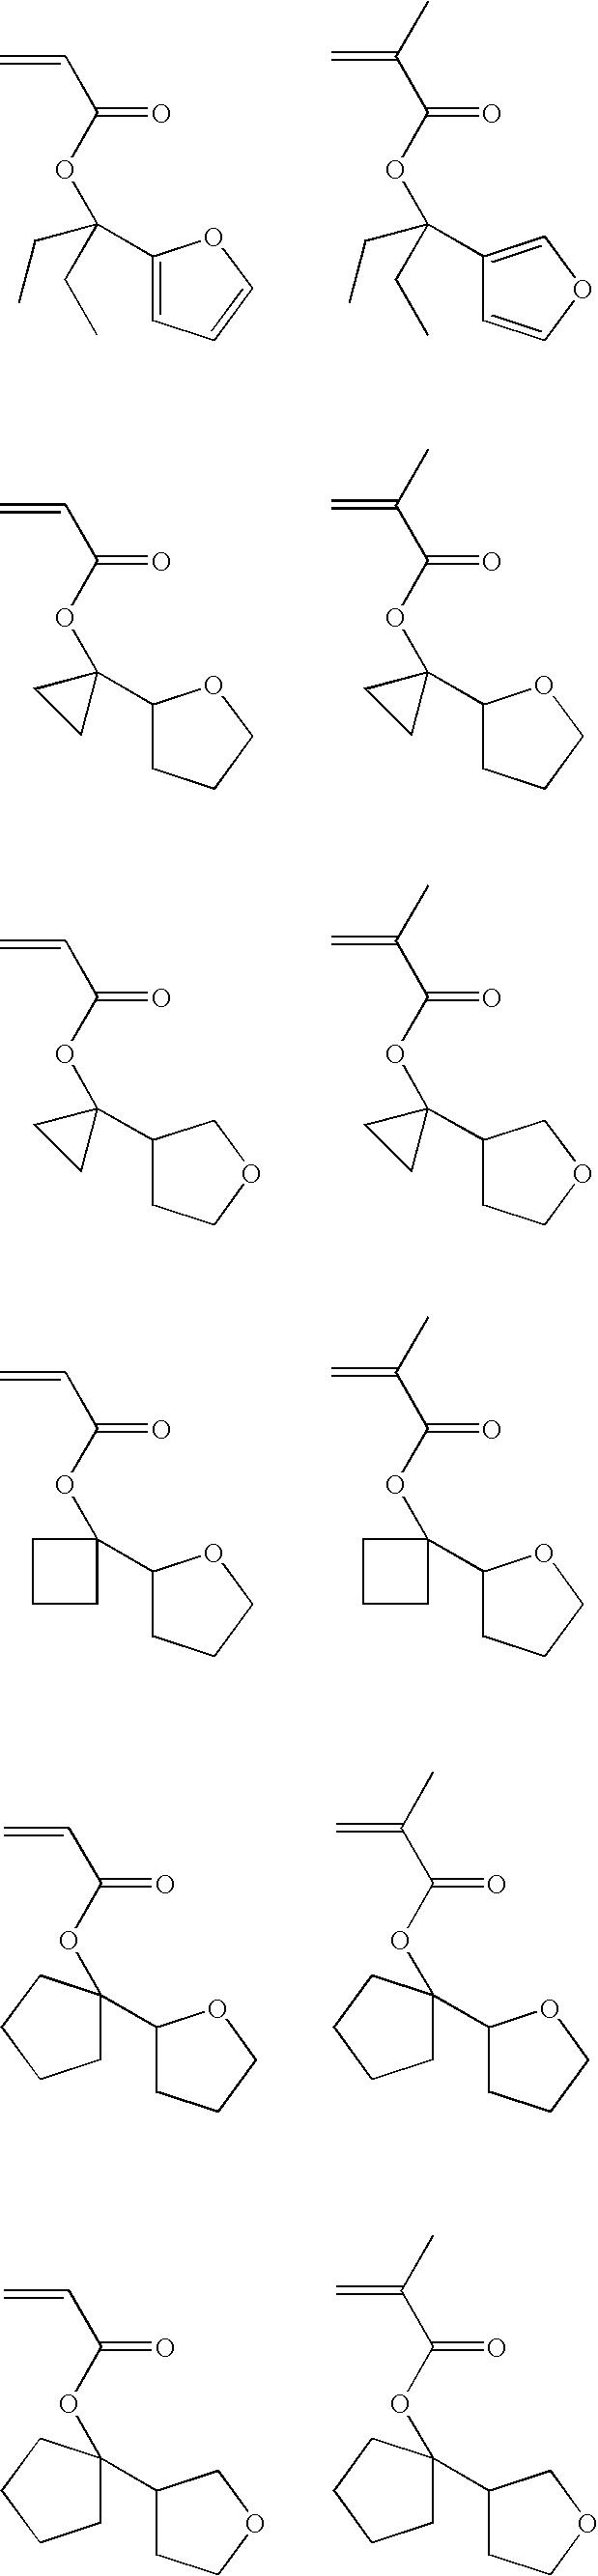 Figure US08129086-20120306-C00057